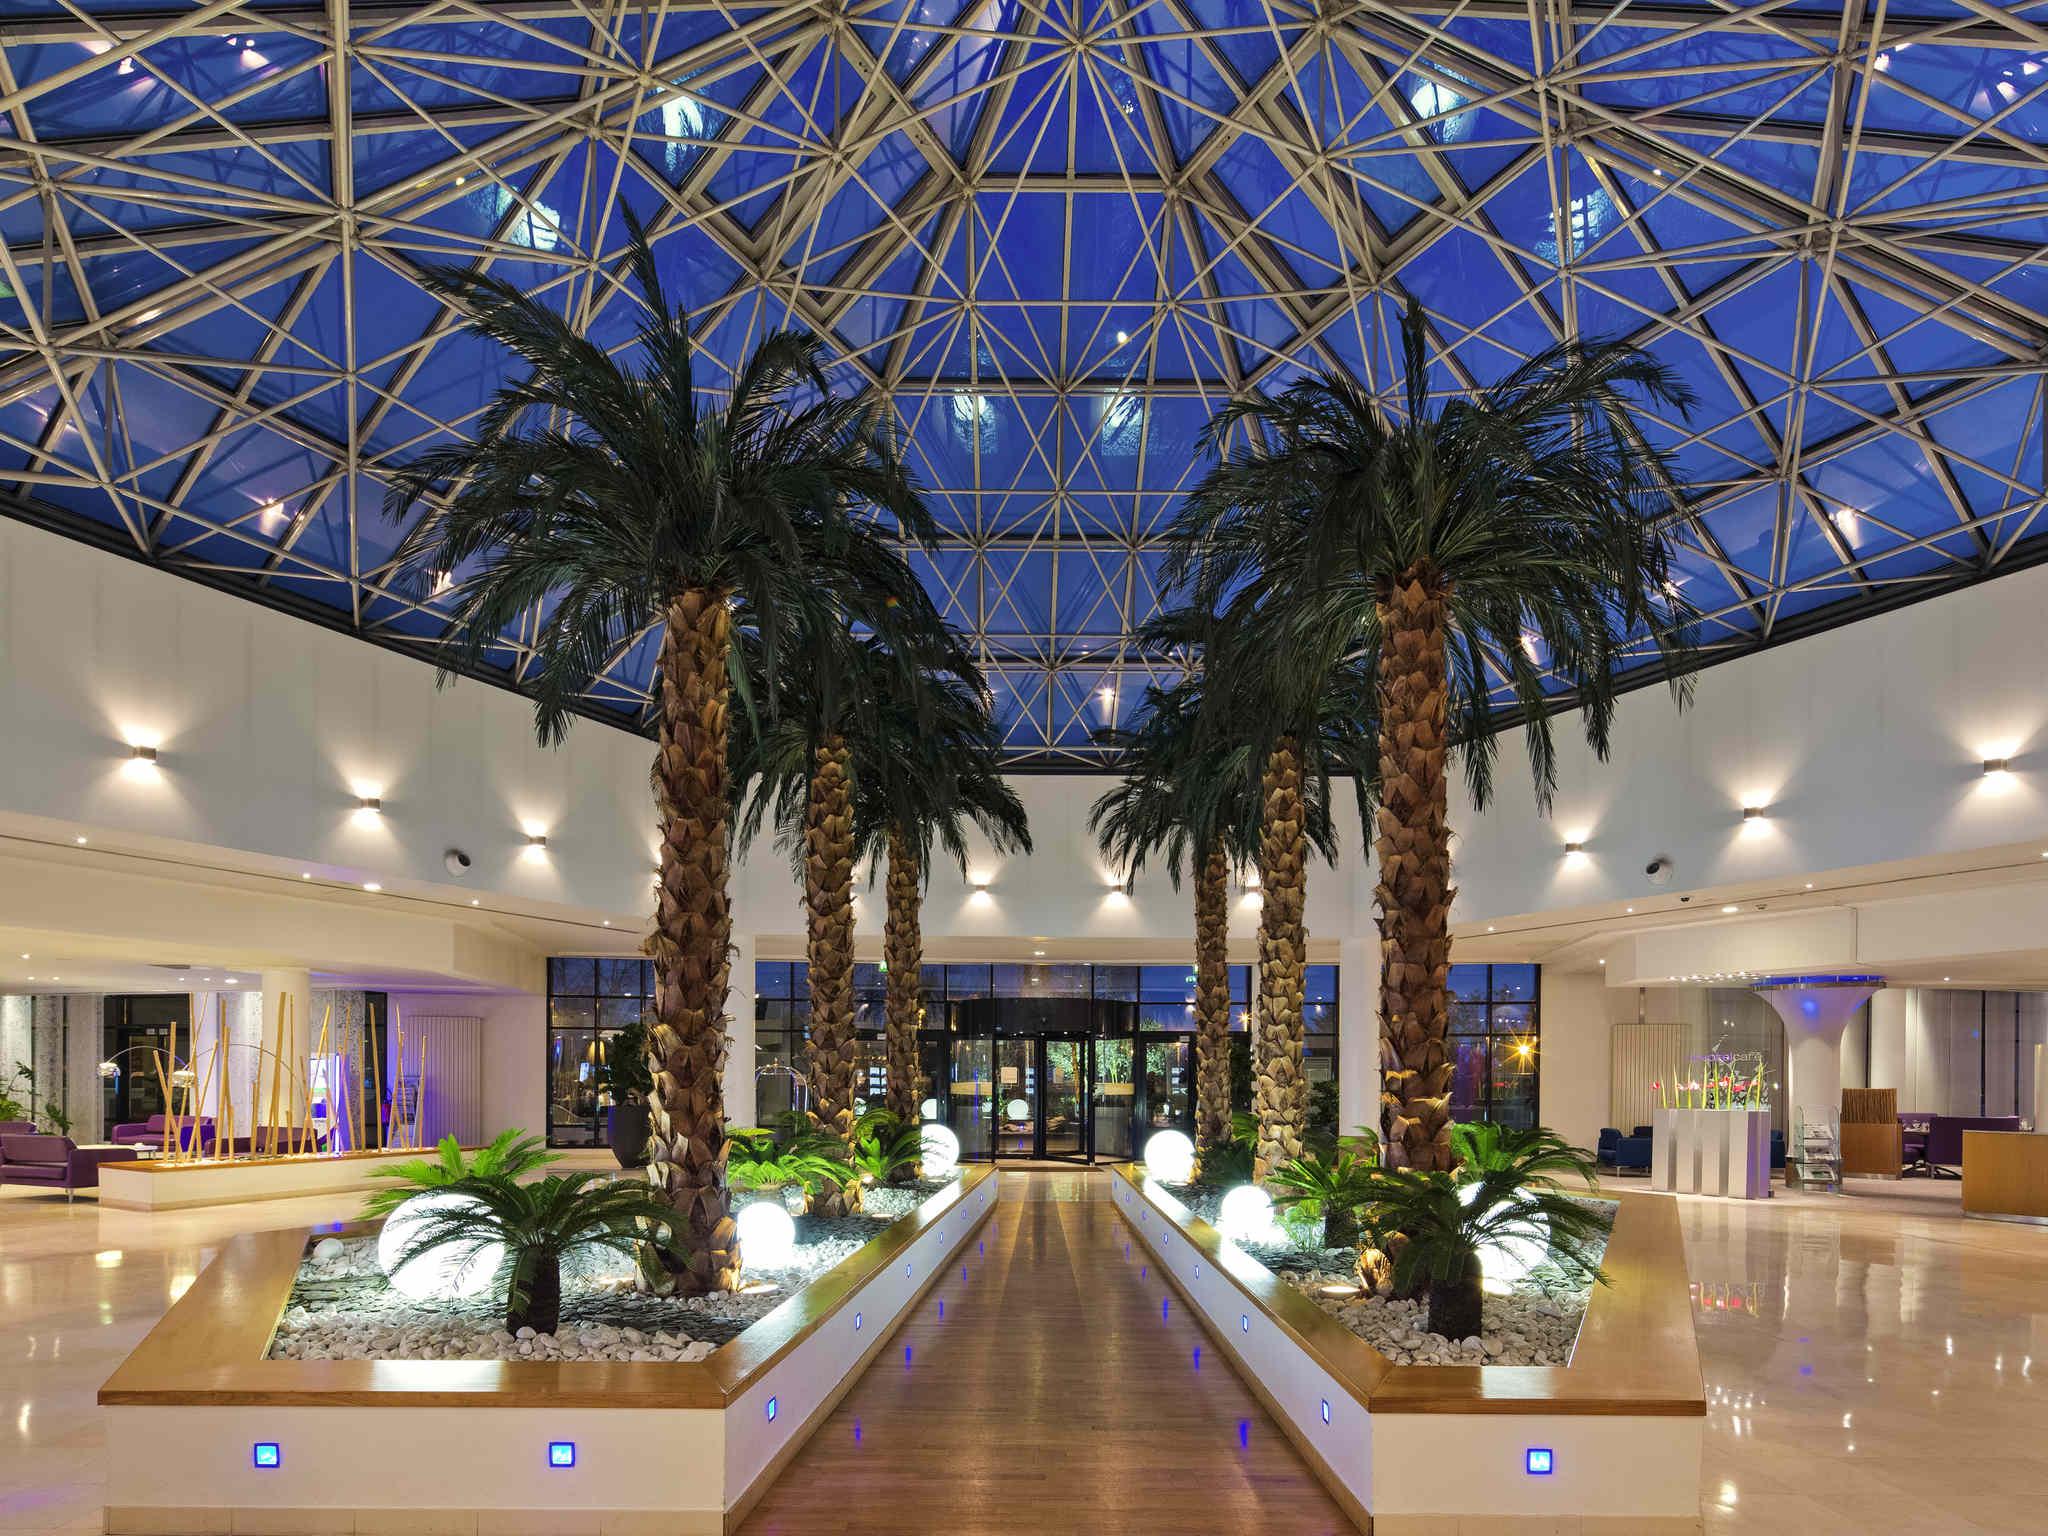 Hotel - Novotel Convention & Wellness Roissy CDG